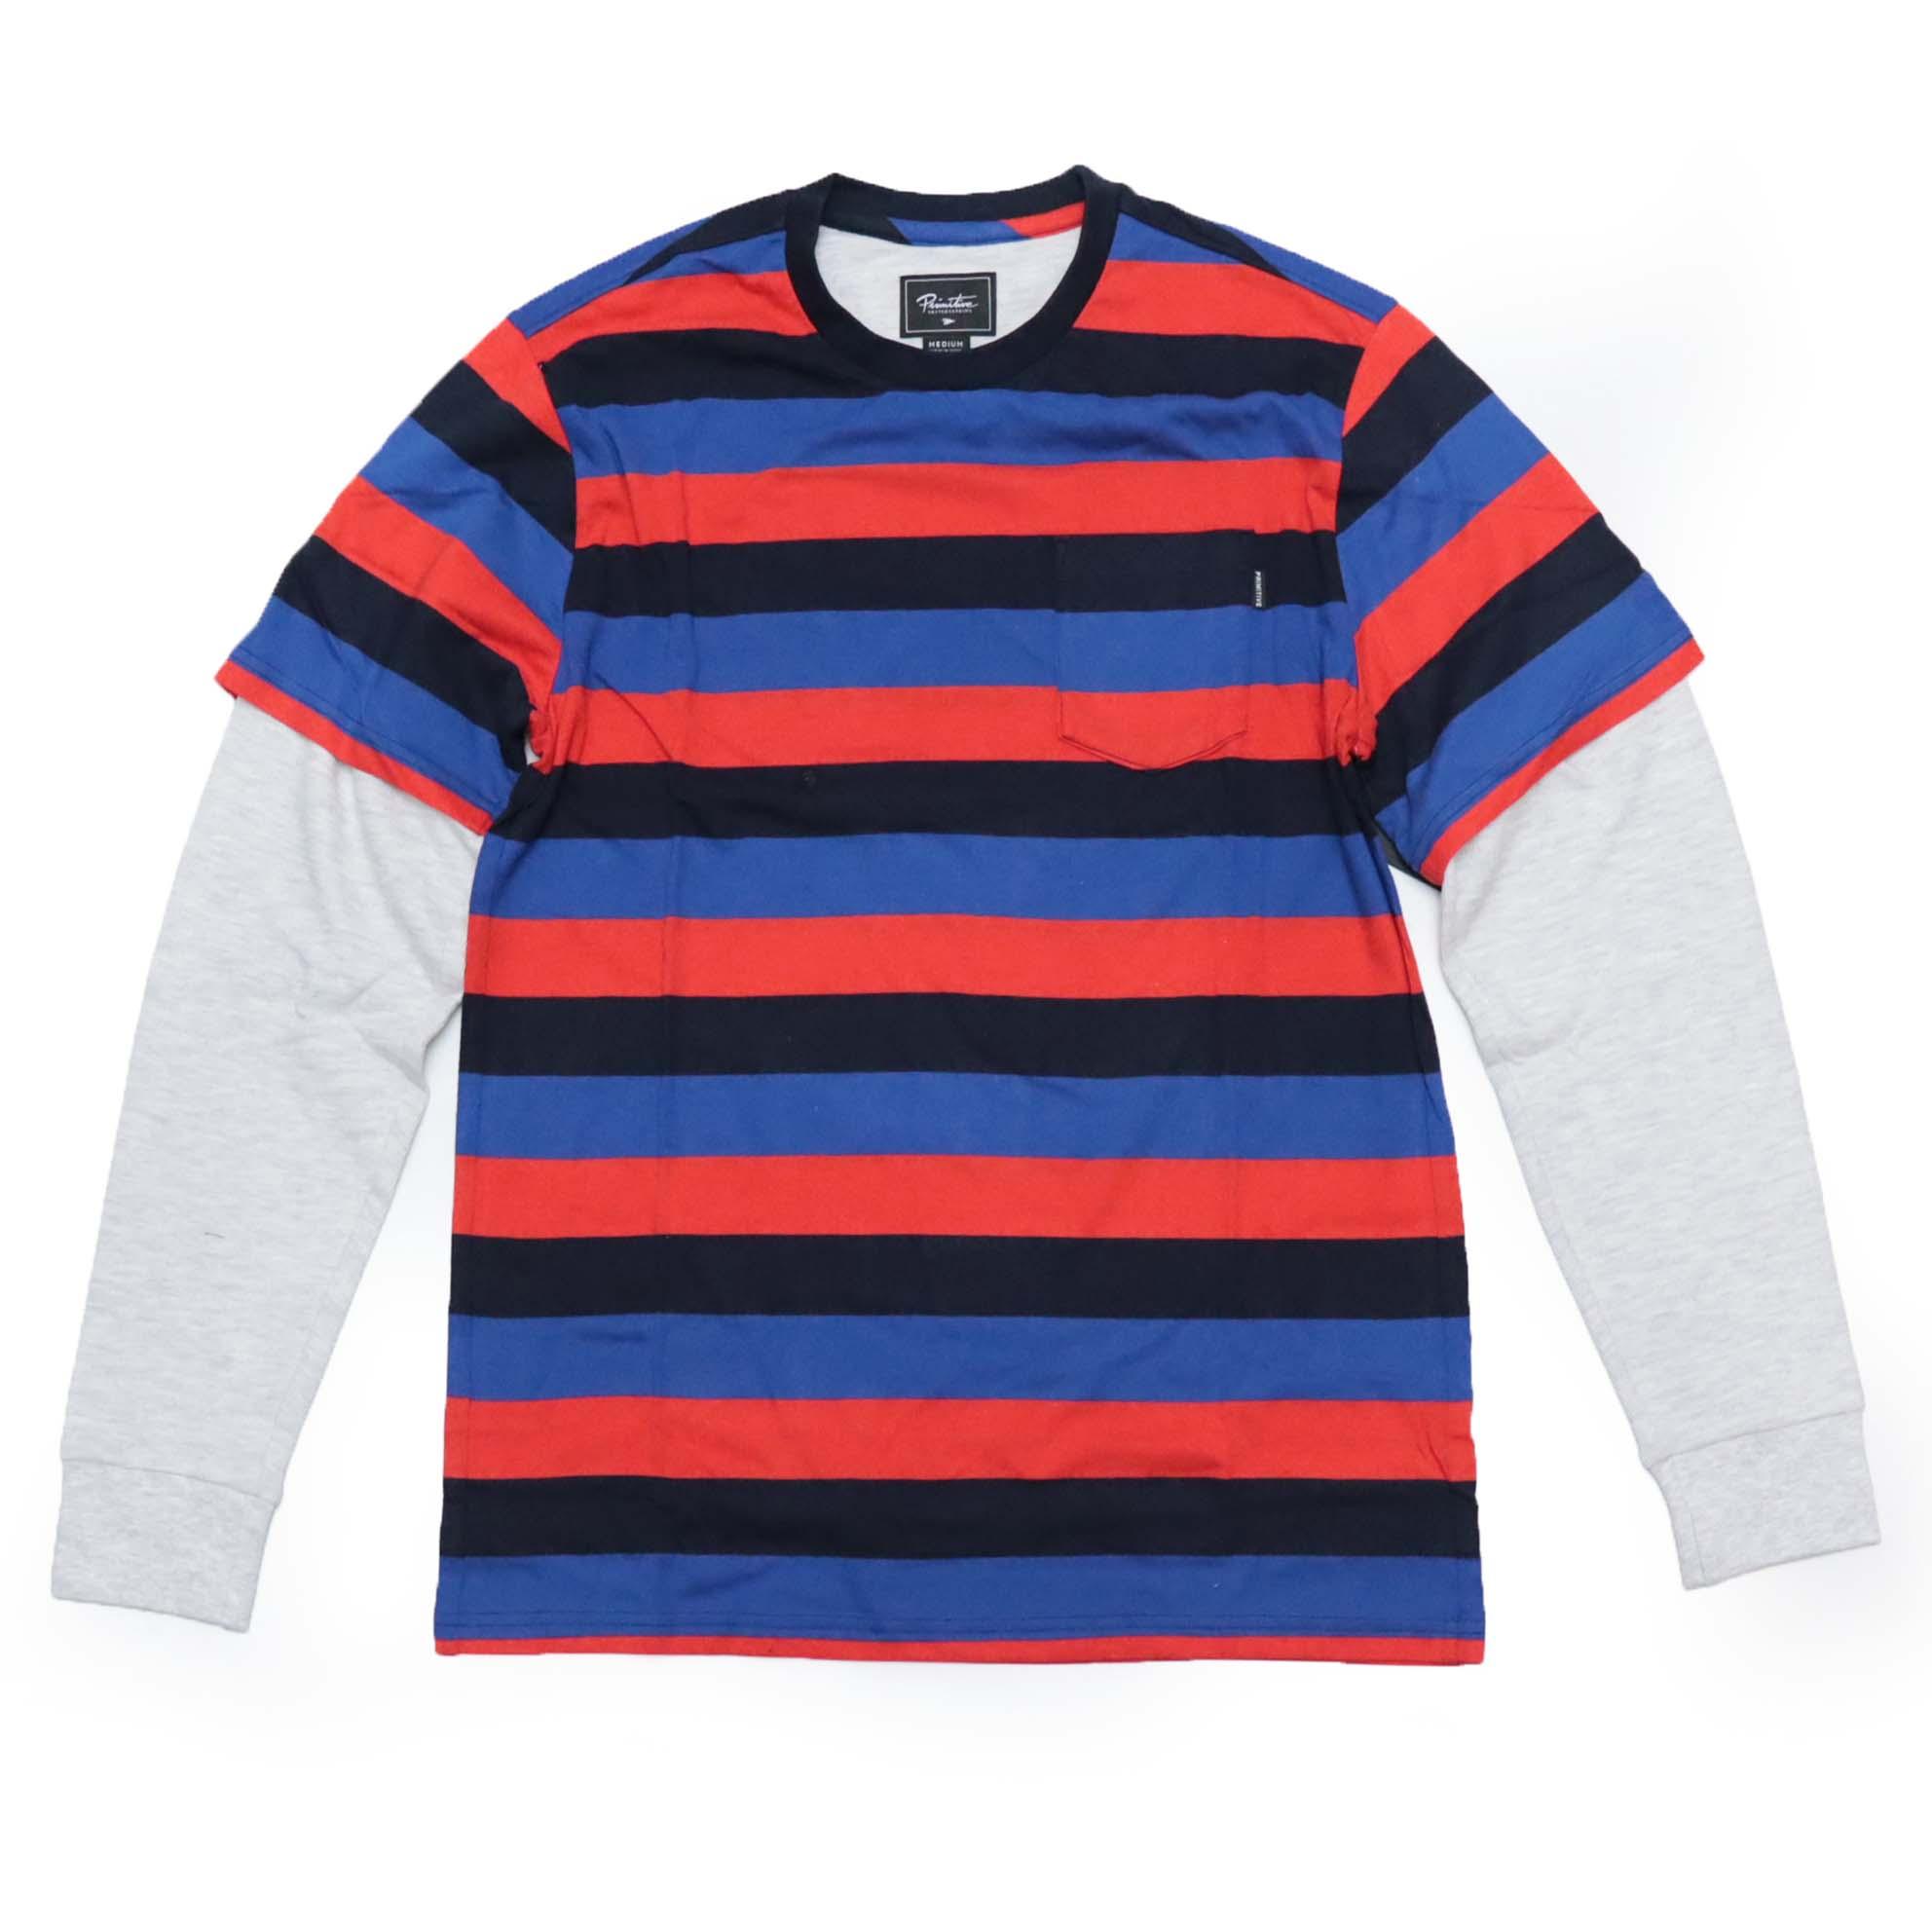 Moletom Primitive TwoFer Stripe Listrado - Azul/Vermelho (Importado)